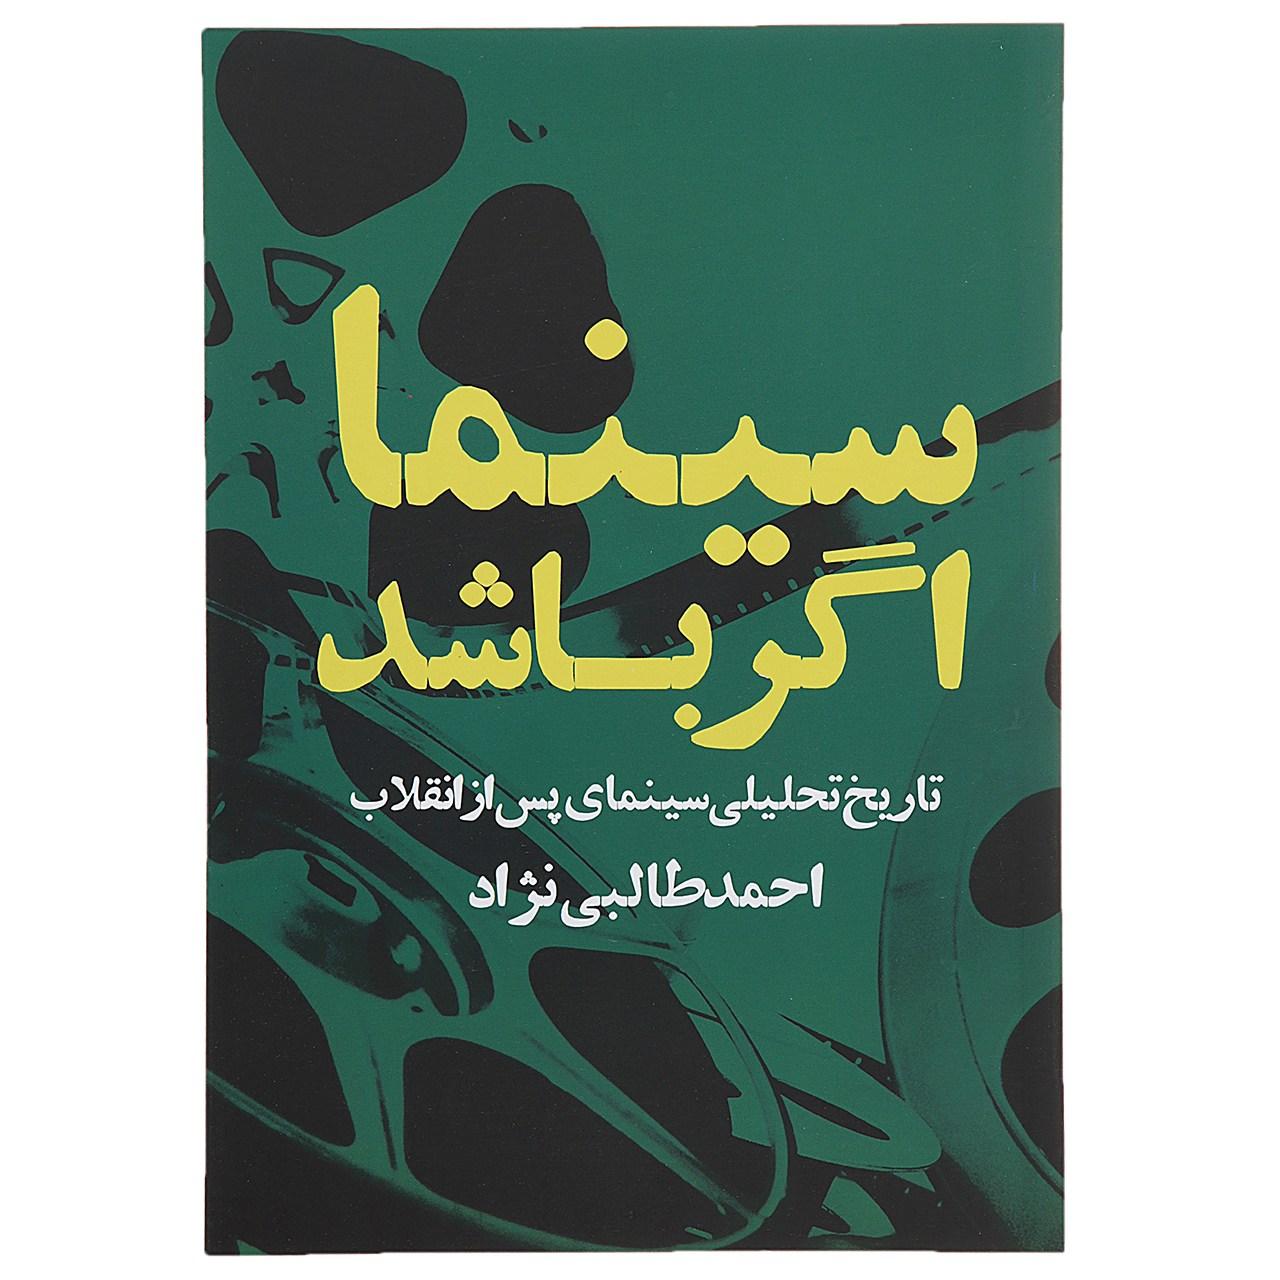 کتاب سینما اگر باشد اثر احمد طالبی نژاد